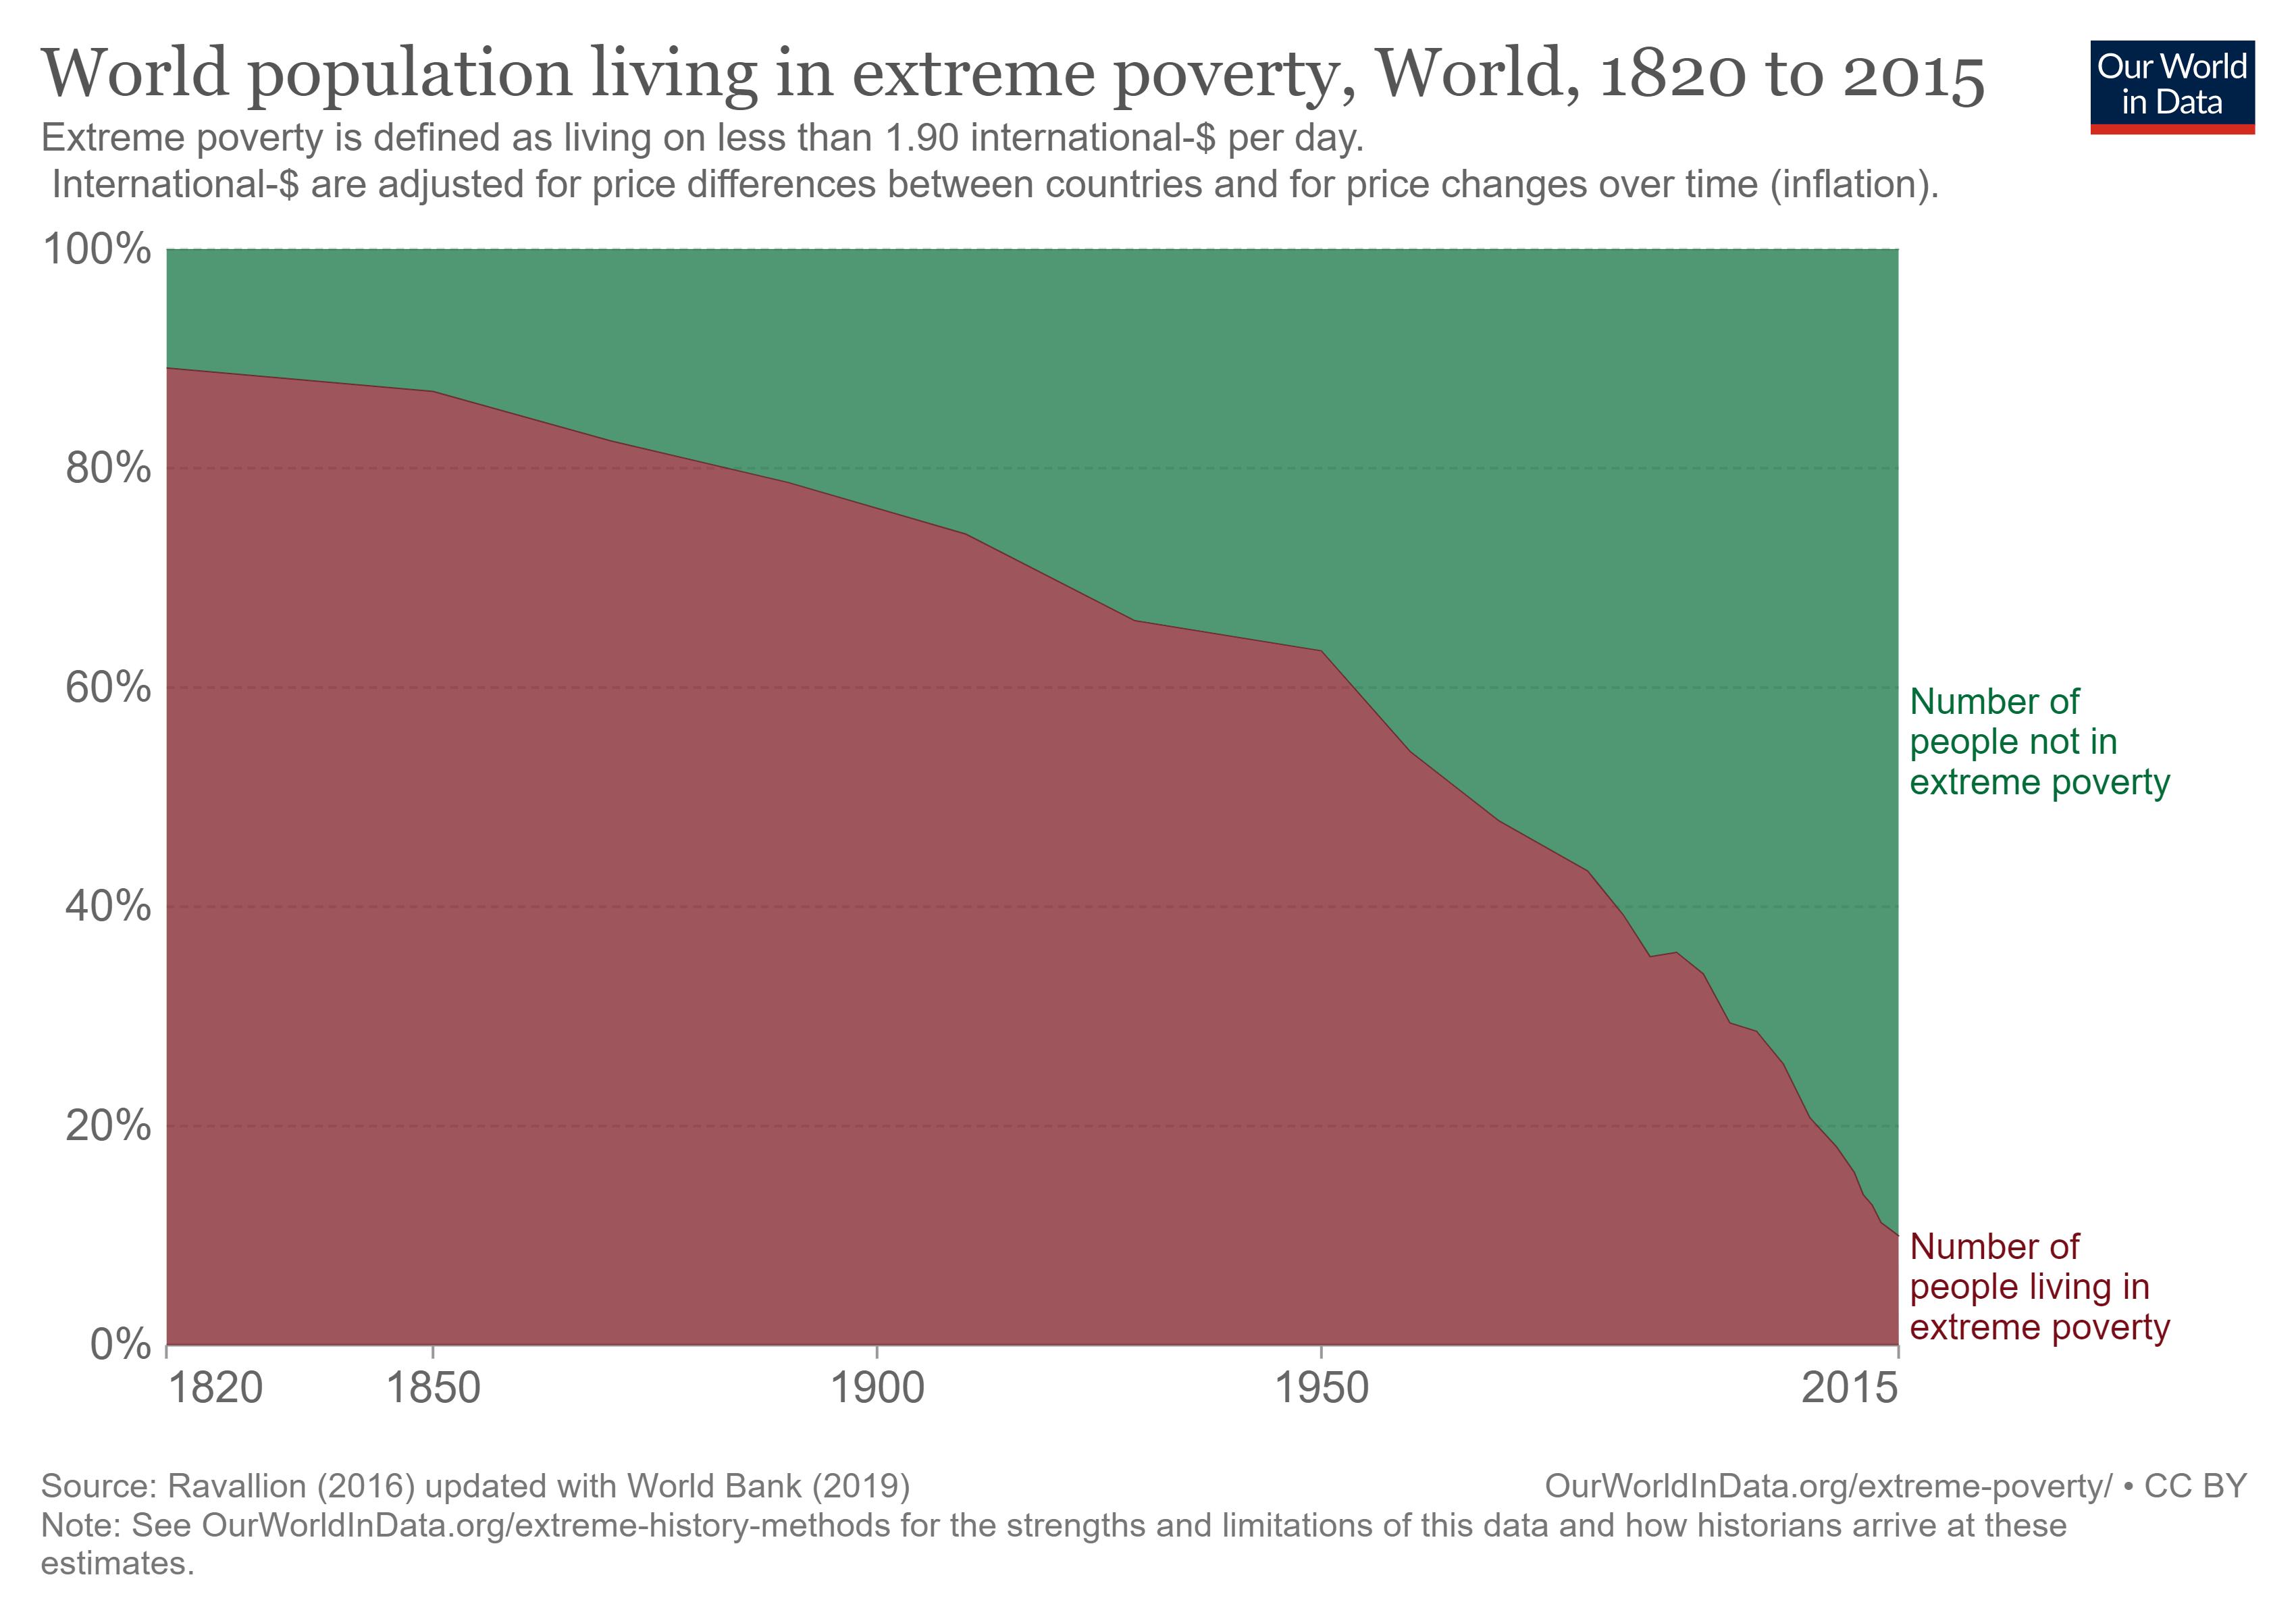 میزان آمار مردم جهان که در فقر زندگی میکنند